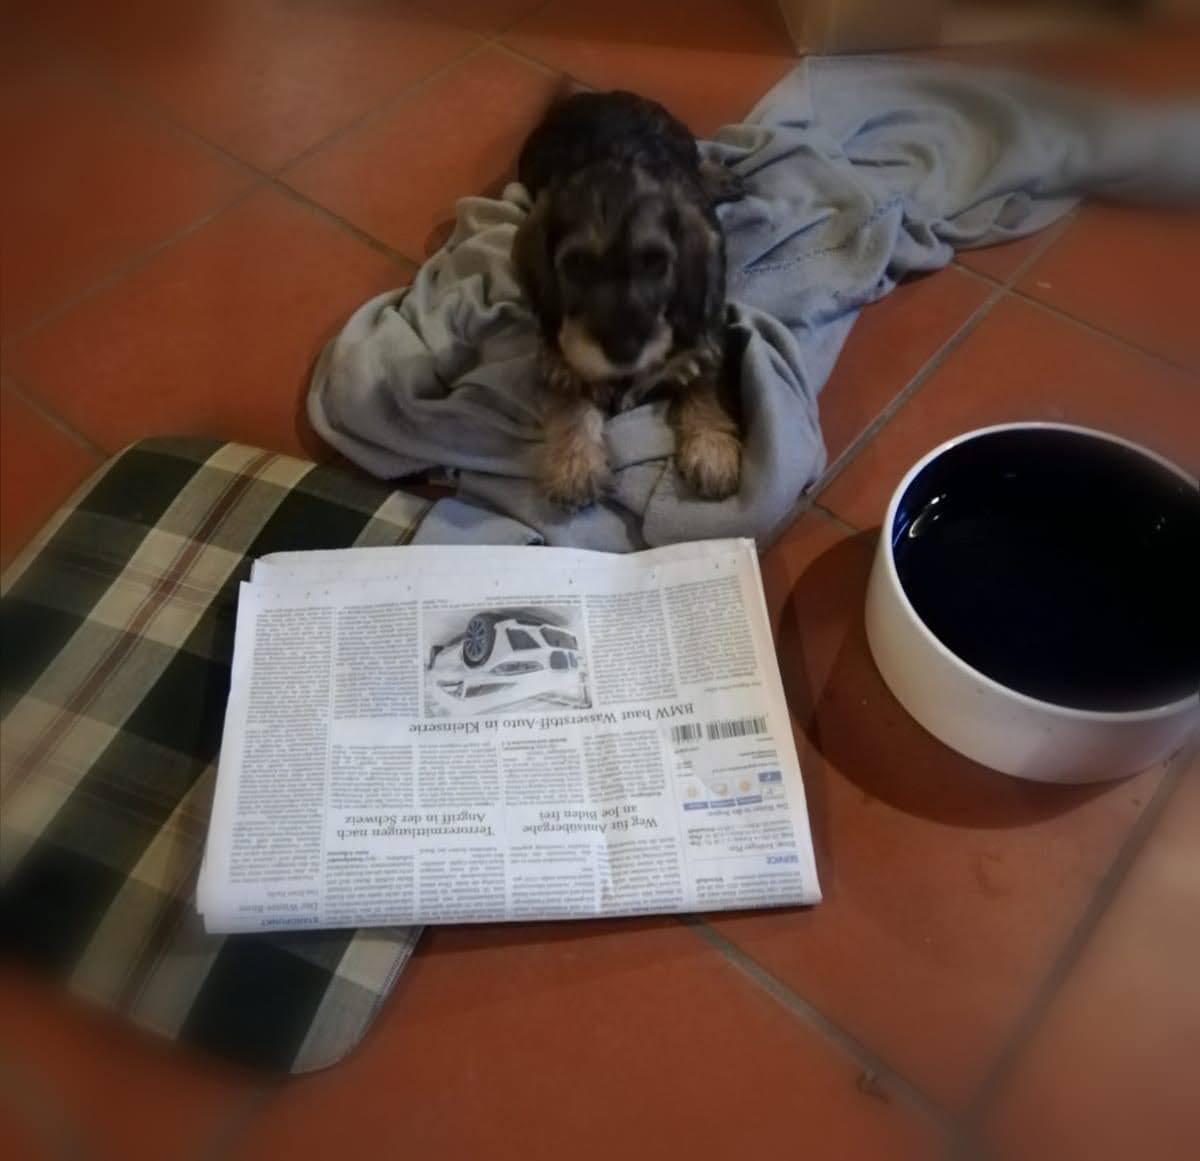 Elli liest die neusten Corona Nachrichten. Leider immer noch keine Hundekurse